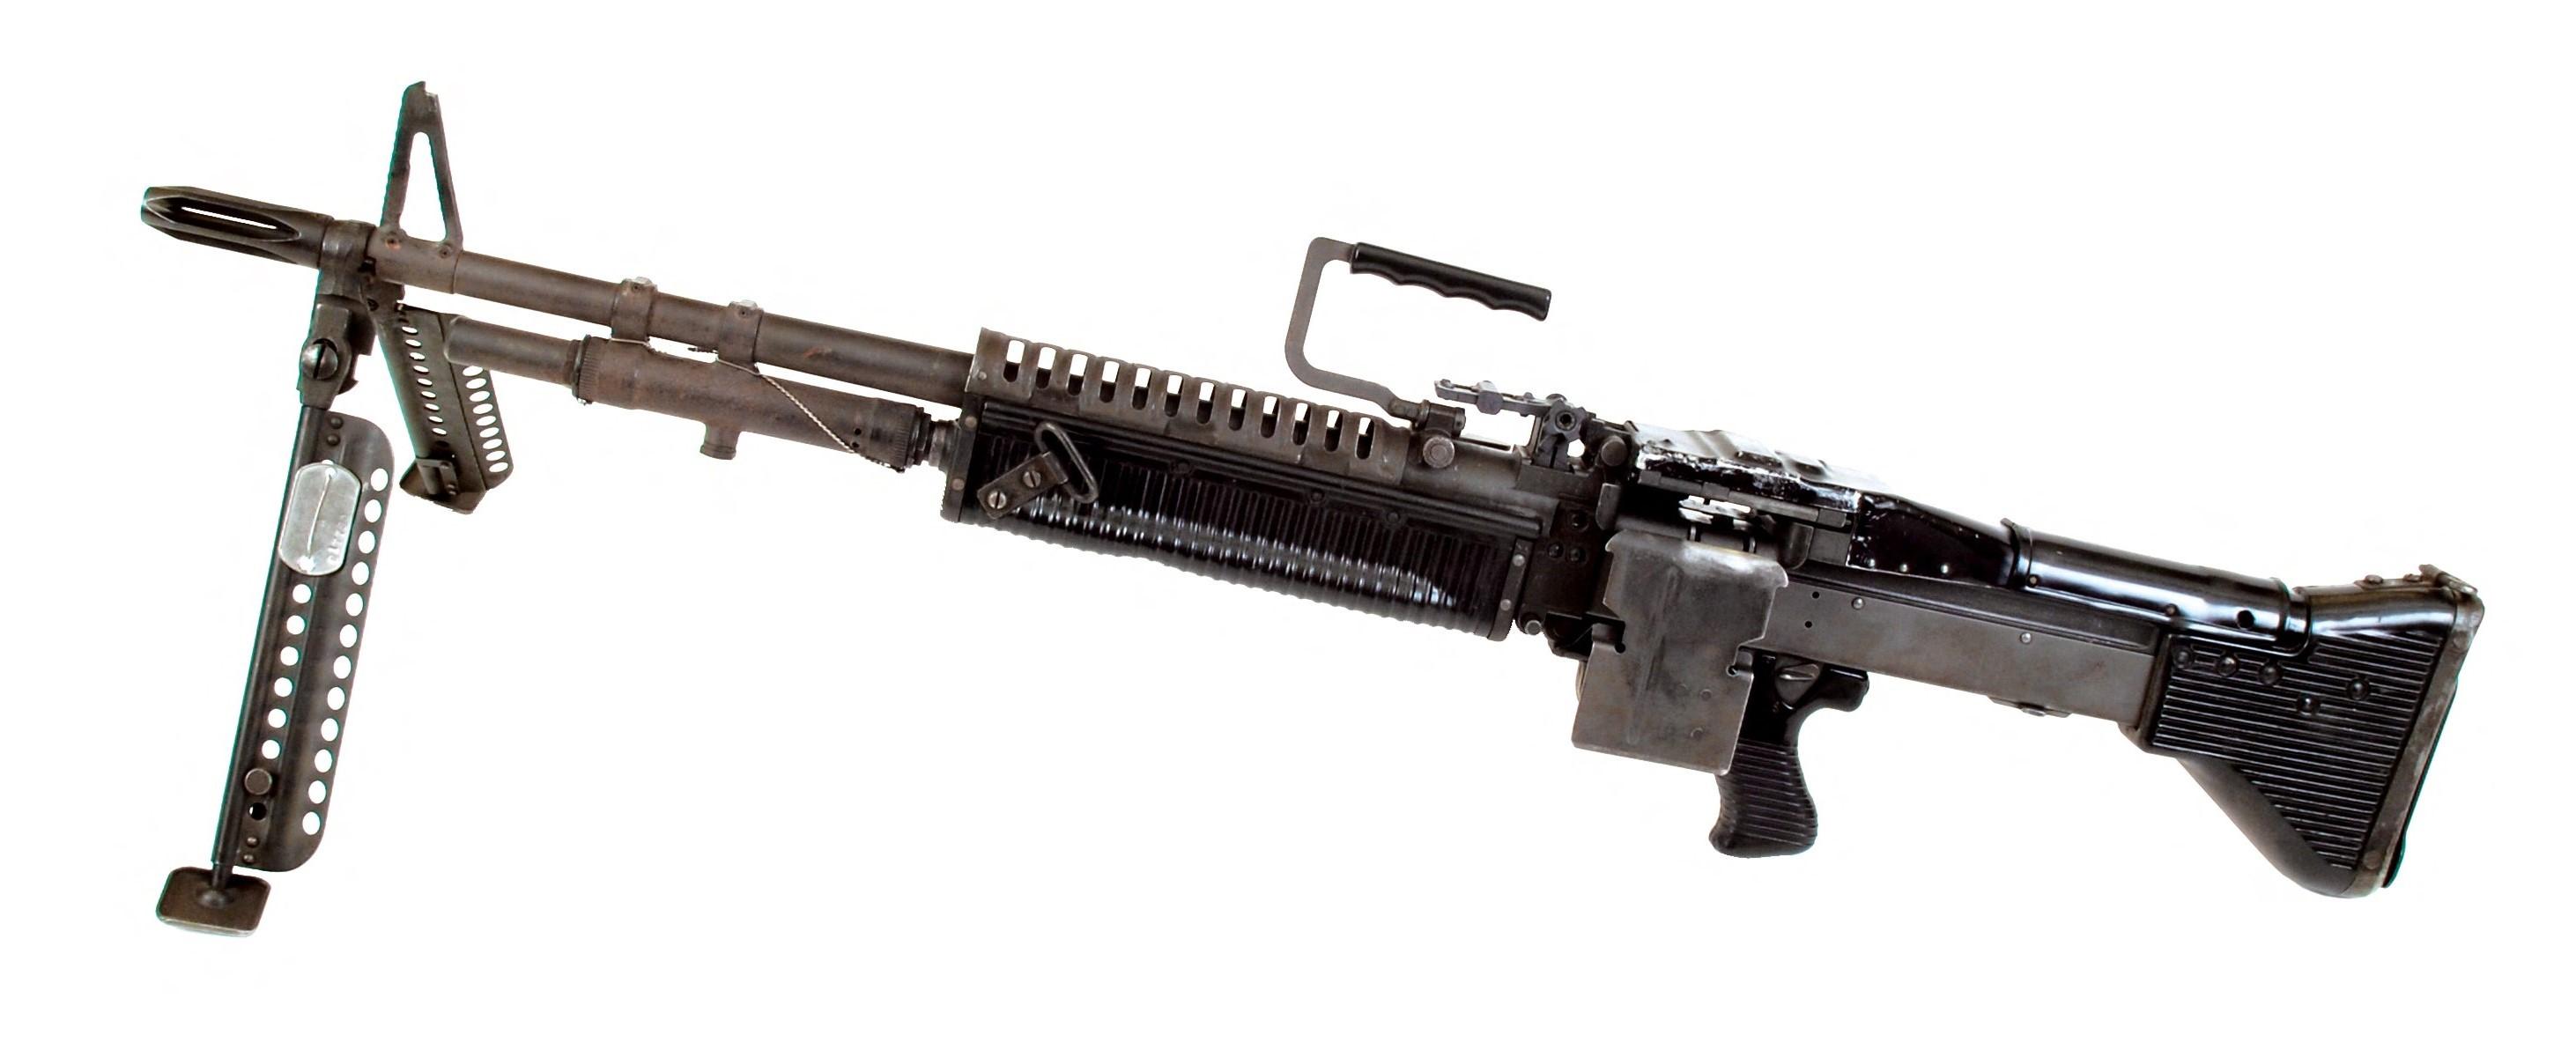 File:M60 Medium Machine Gun (7414626098).jpg - Wikimedia Commons